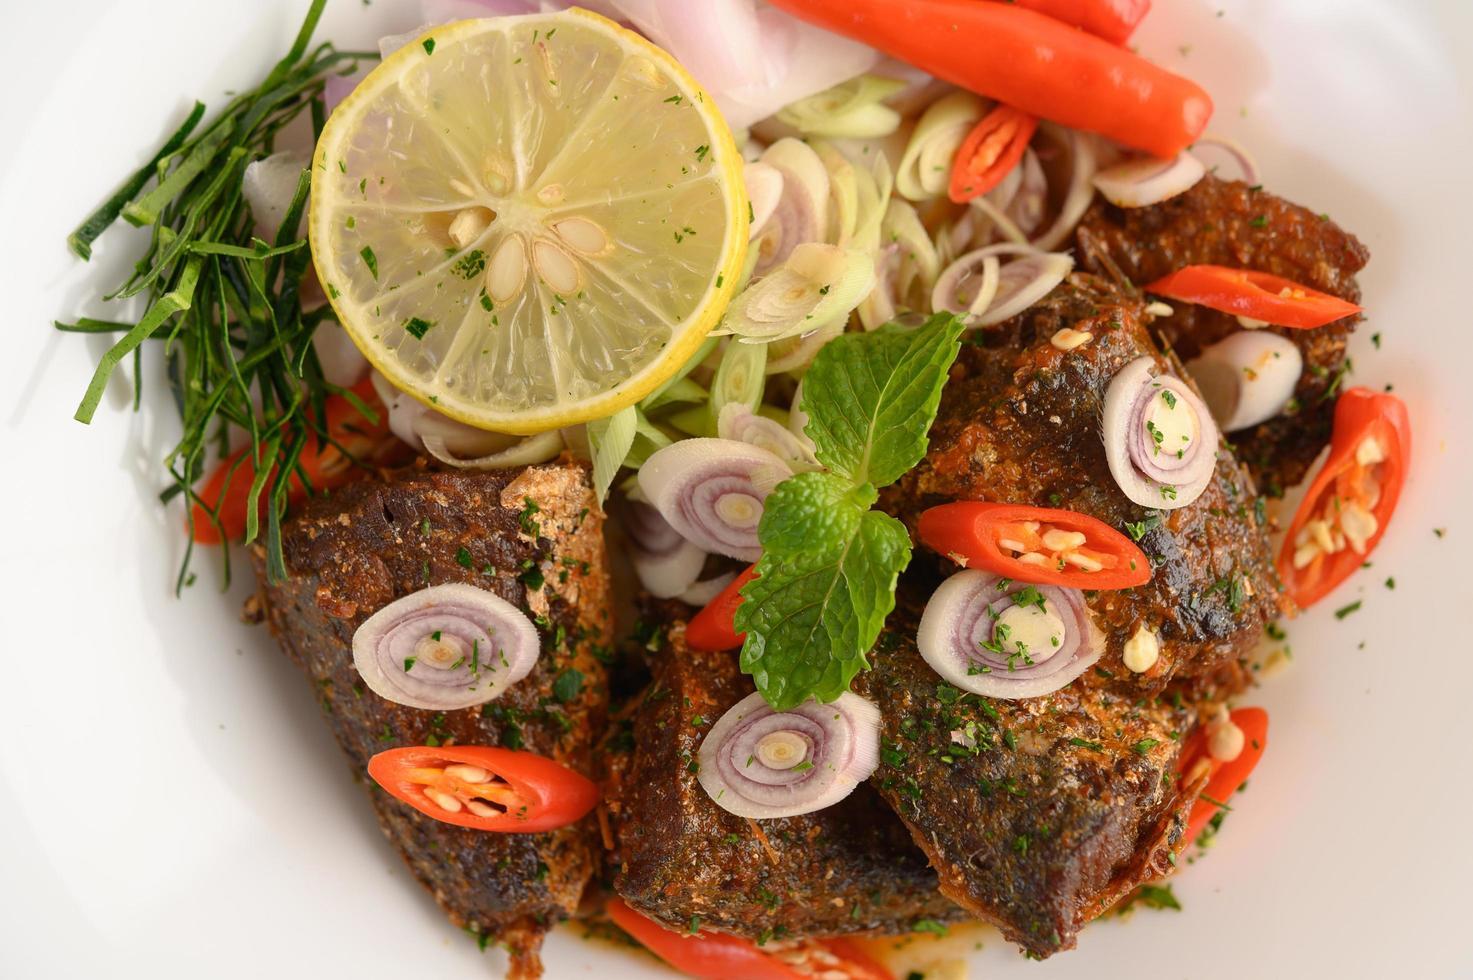 salade de sardines épicée photo